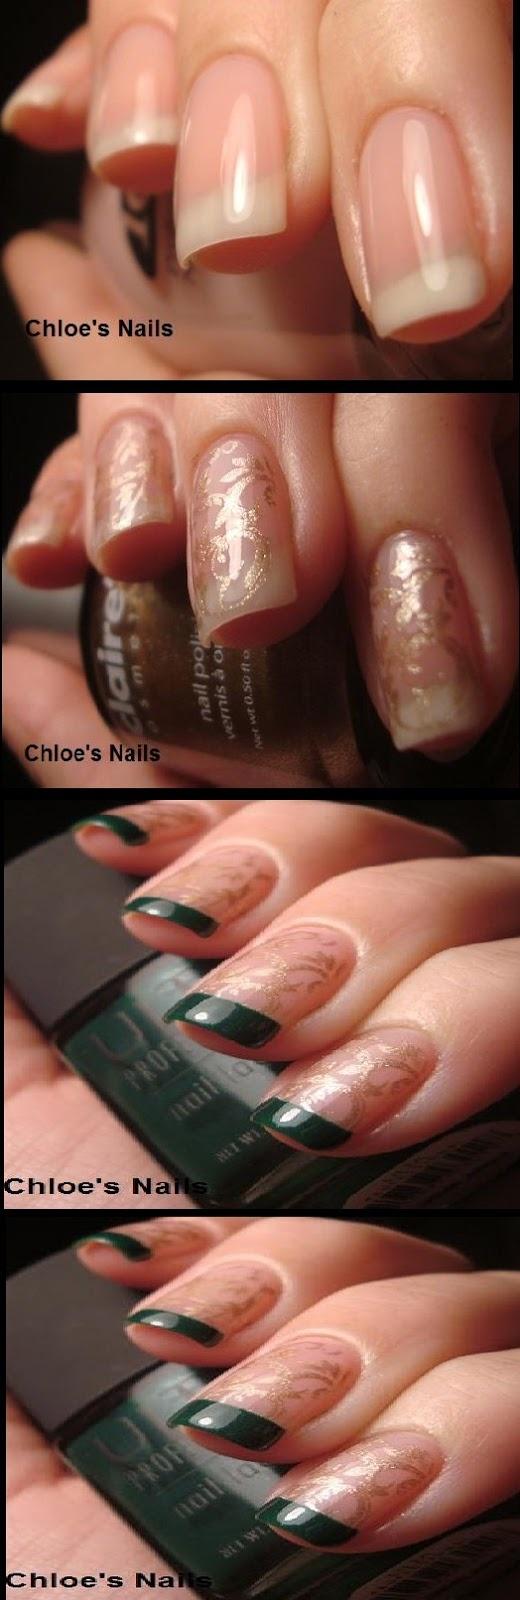 Gold & Green Funky French nails - nail art - nails - nailart how to - nail art tutorial #nailart #nails